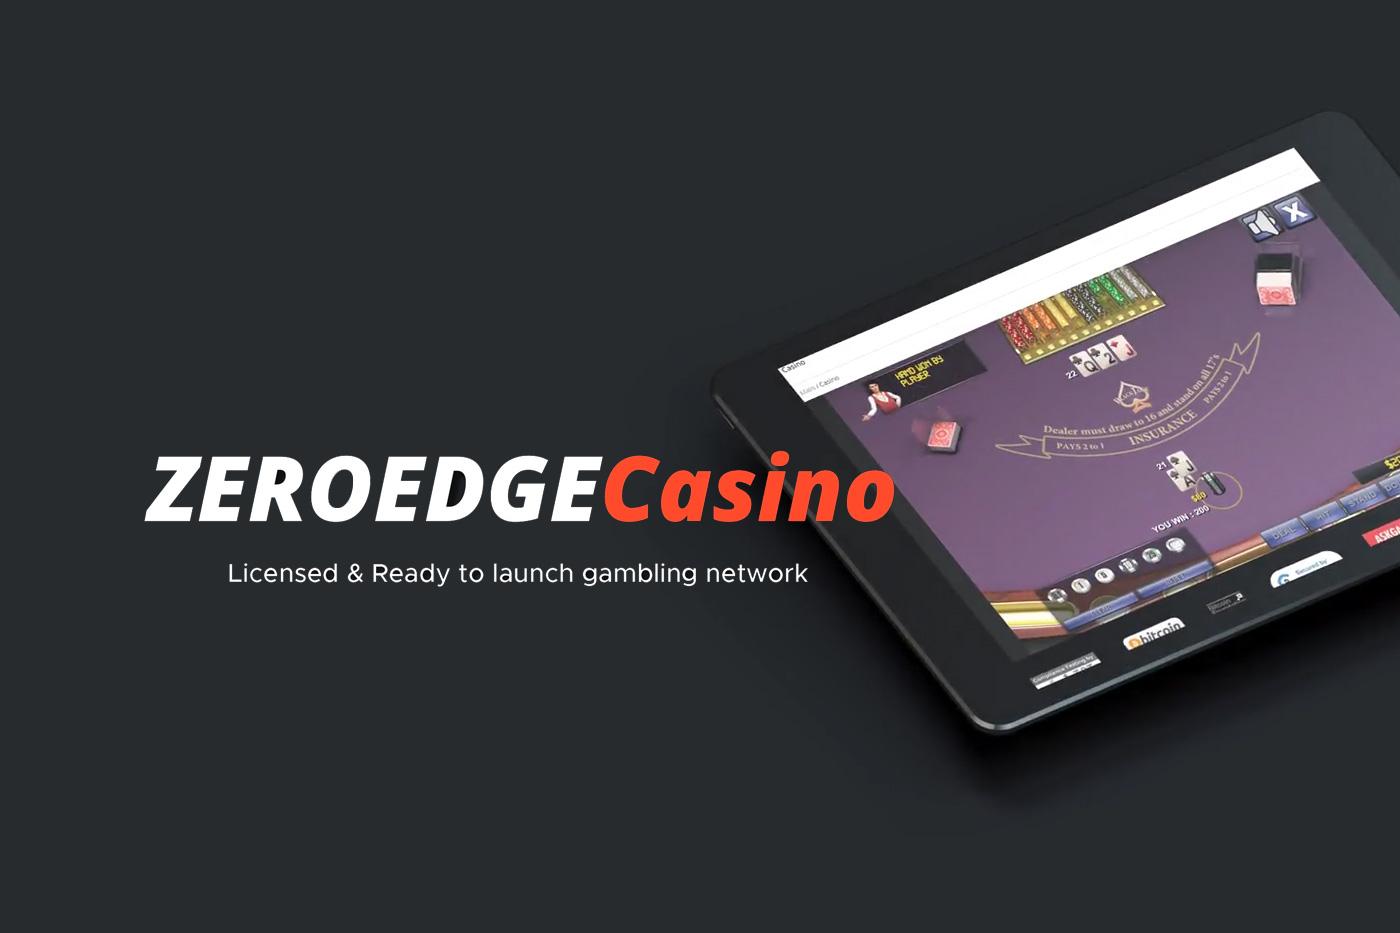 игровые автоматы онлайн бесплатно игратьпираты